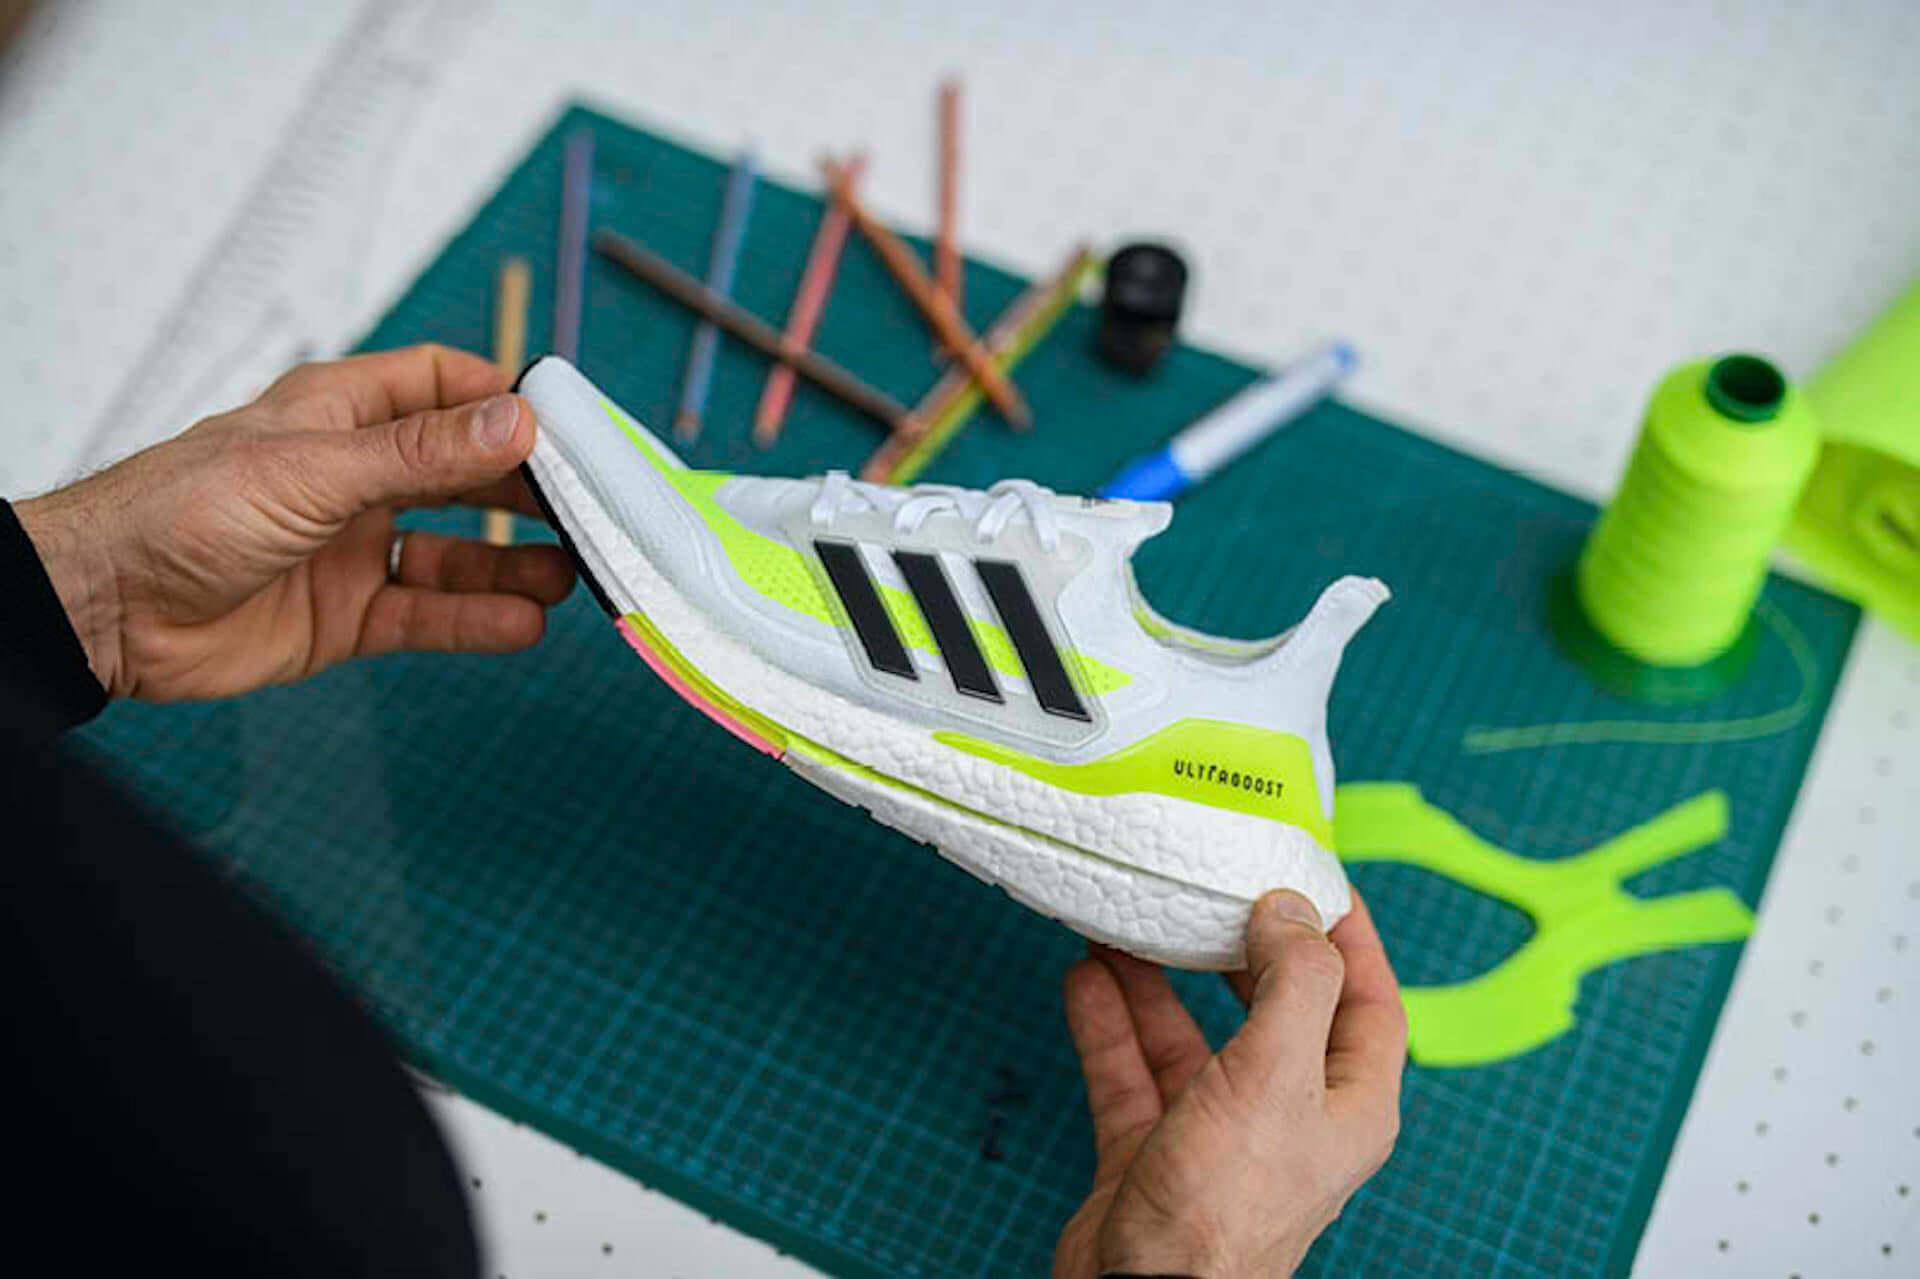 アディダスを象徴するプレミアムランニングシューズが進化!軽量性・クッショニングに優れた最新モデル『Ultraboost 21』が登場 lf210115_adidas_6-1920x1279